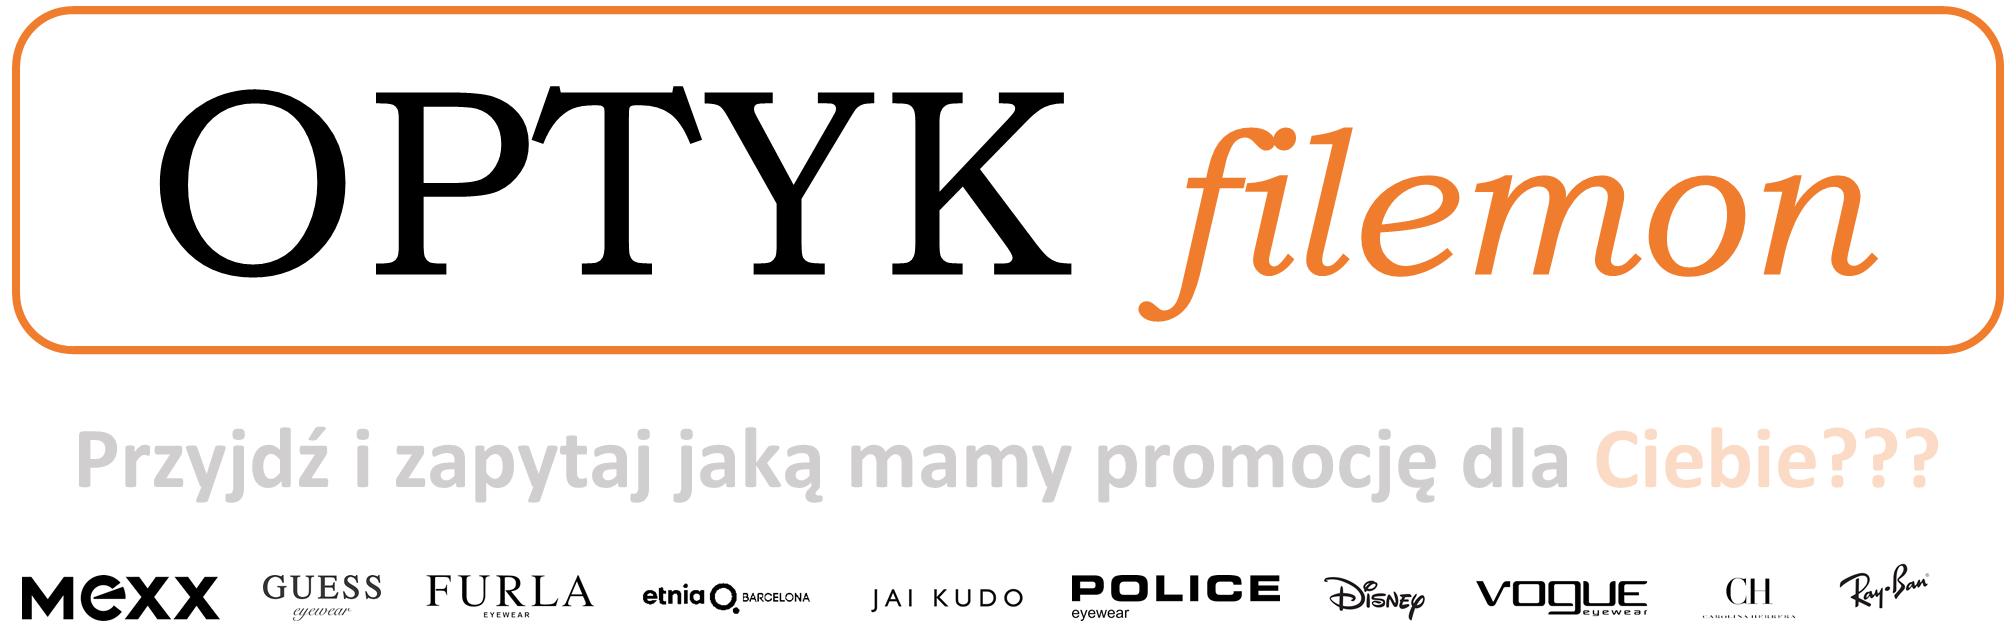 OPTYK FILEMON logo